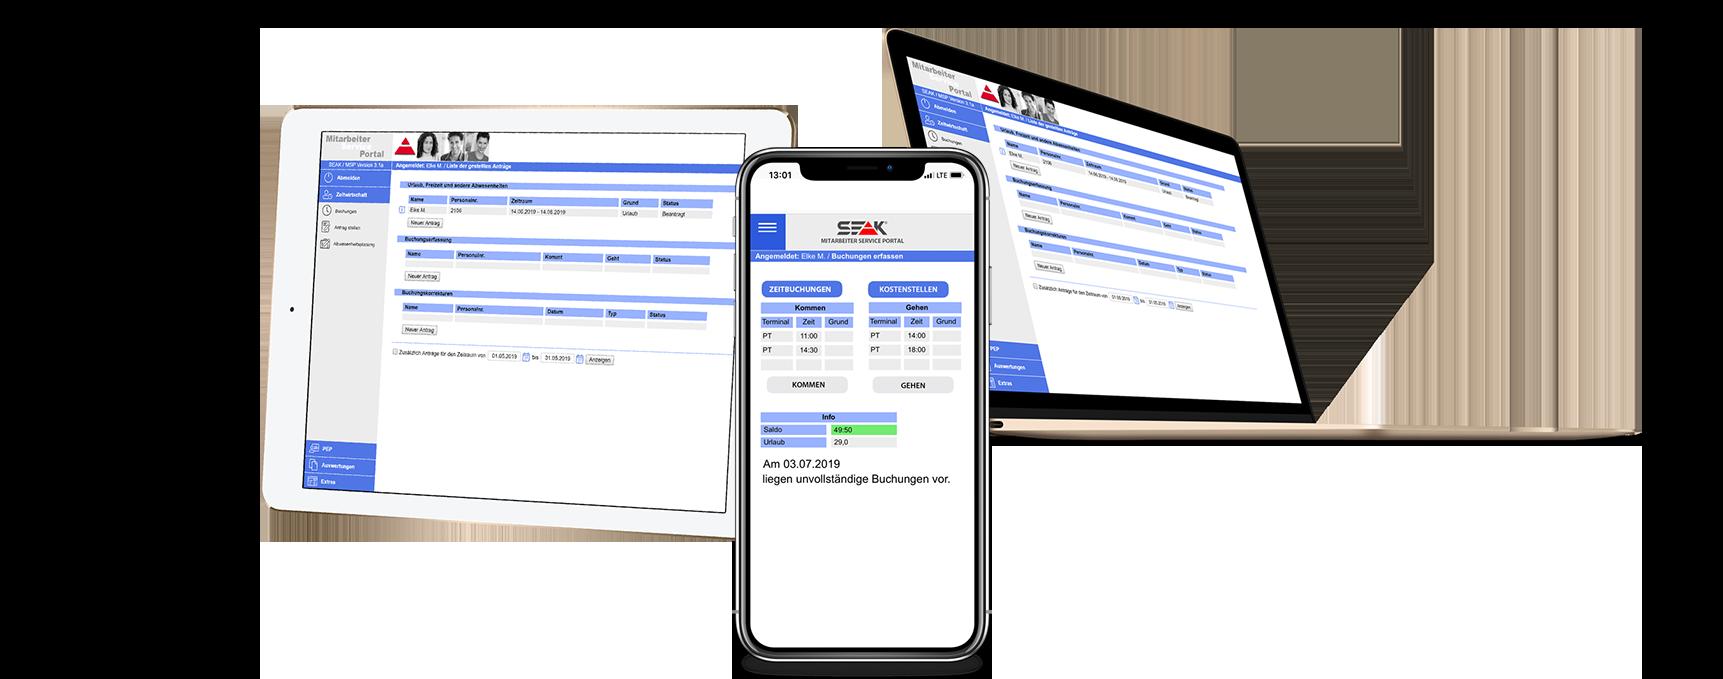 Mitarbeiter Service Portal - Employee Self Service im Handel | SEAK Software GmbH